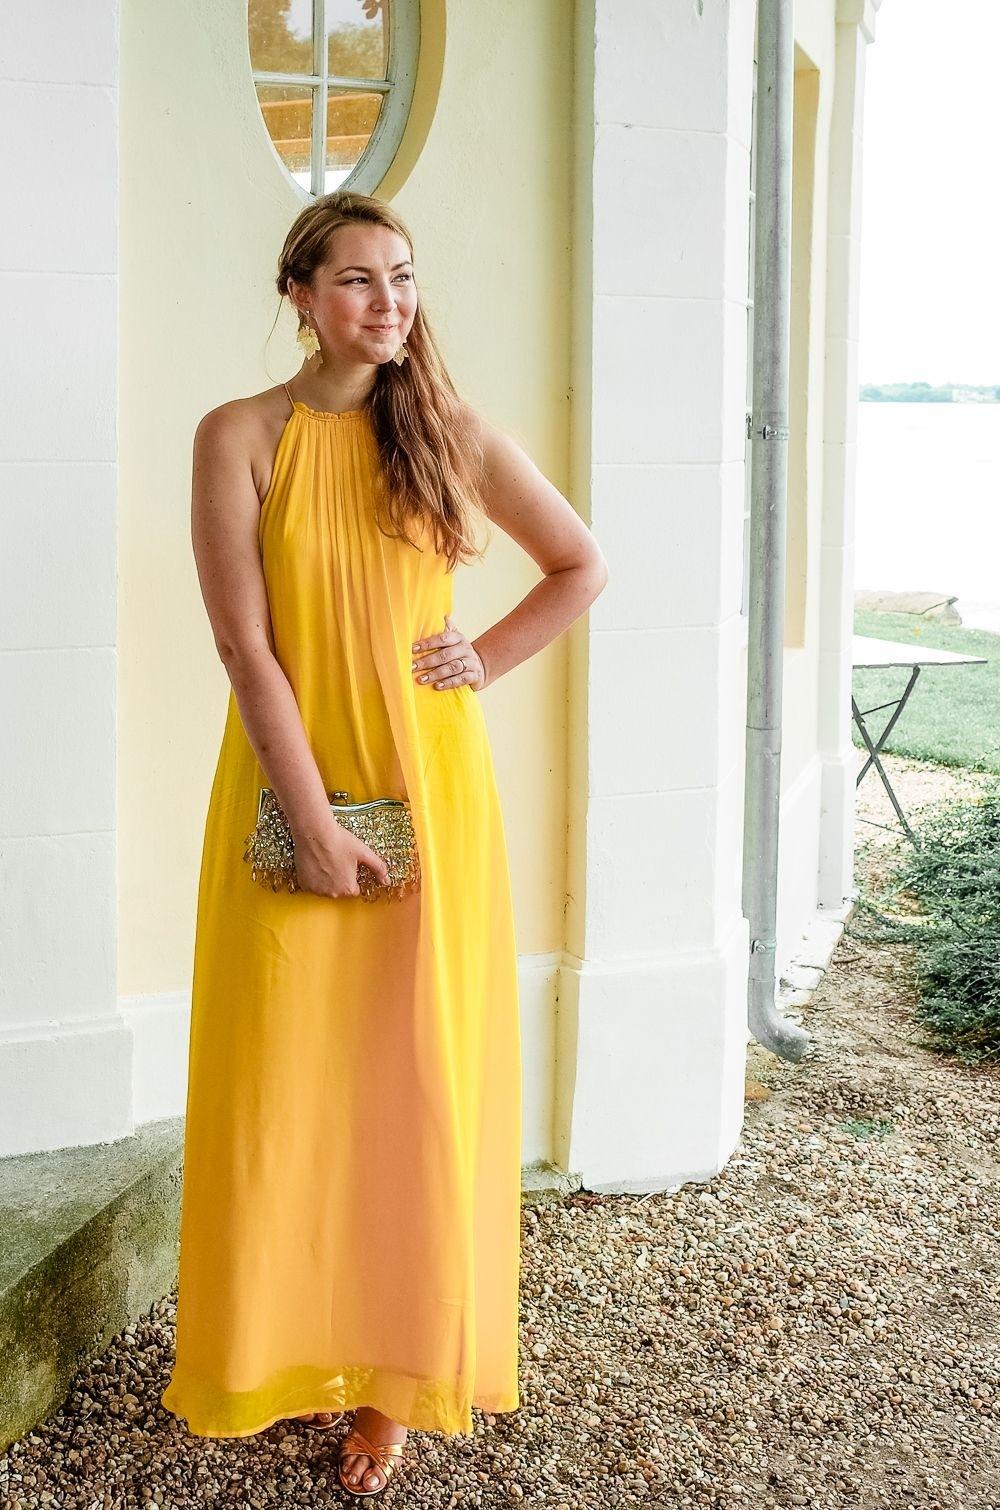 10 Wunderbar Kleid Hochzeitsgast Galerie15 Erstaunlich Kleid Hochzeitsgast Stylish